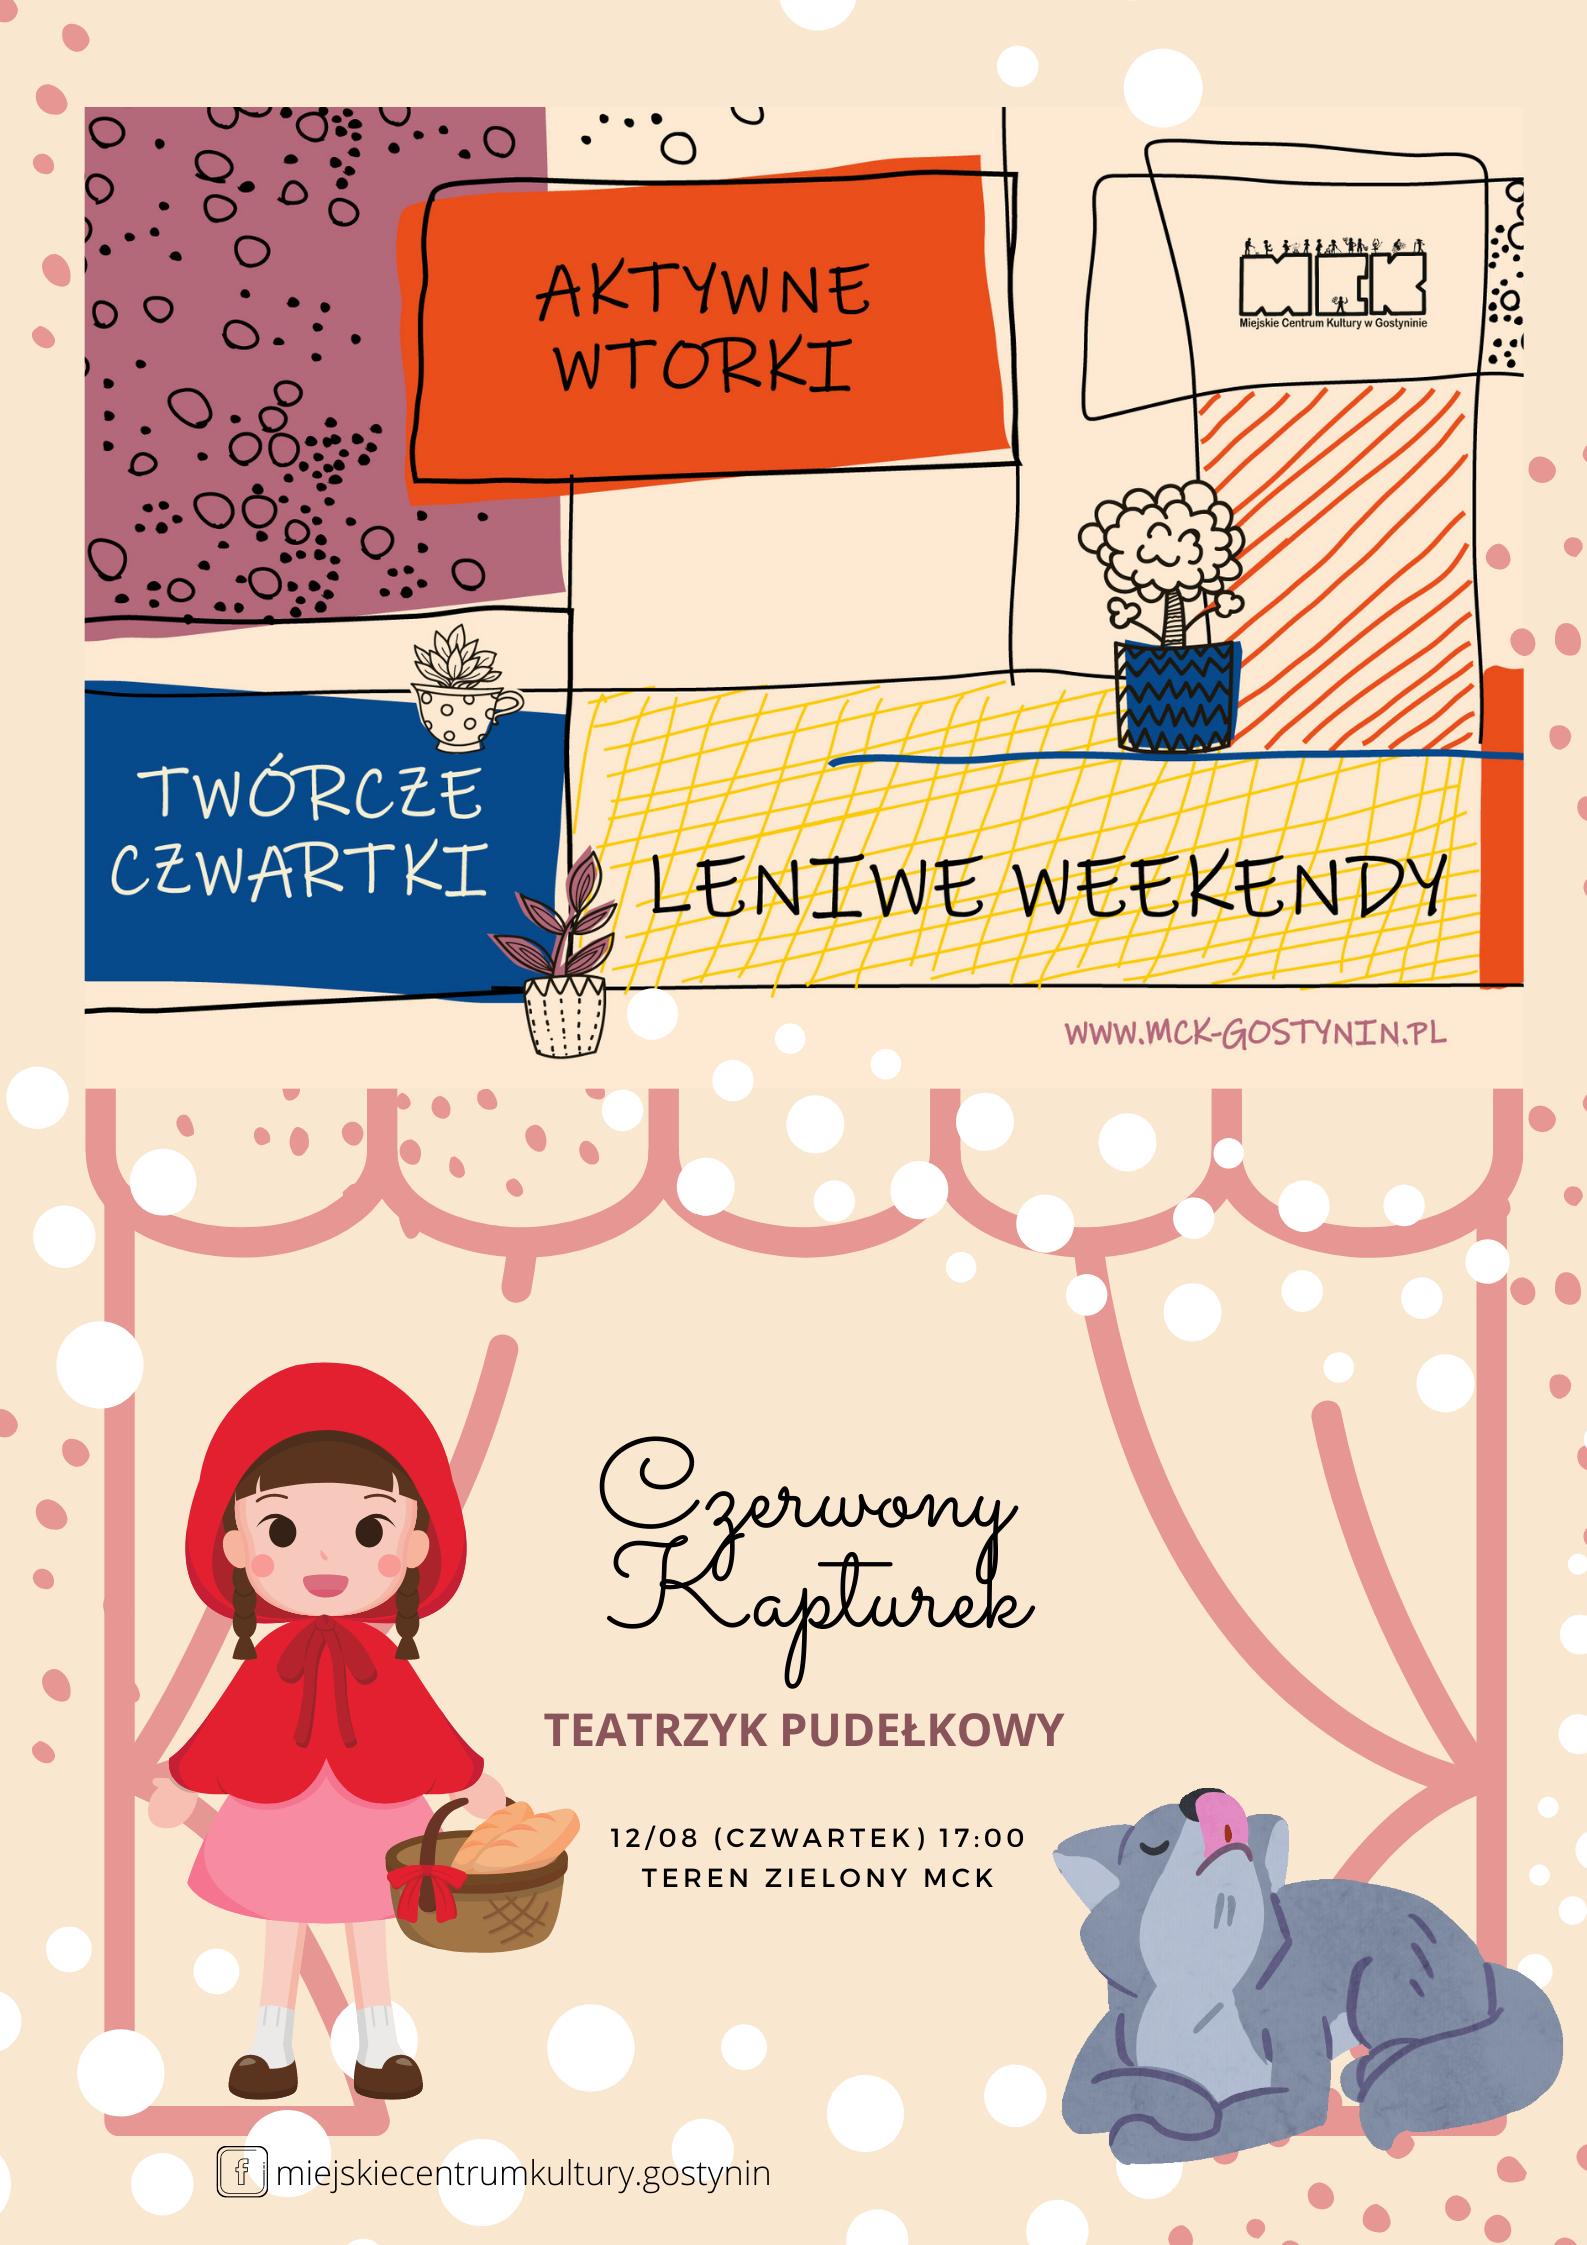 12/08 |Czerwony Kapturek / Teatrzyk pudełkowy| #twórczyczwartek